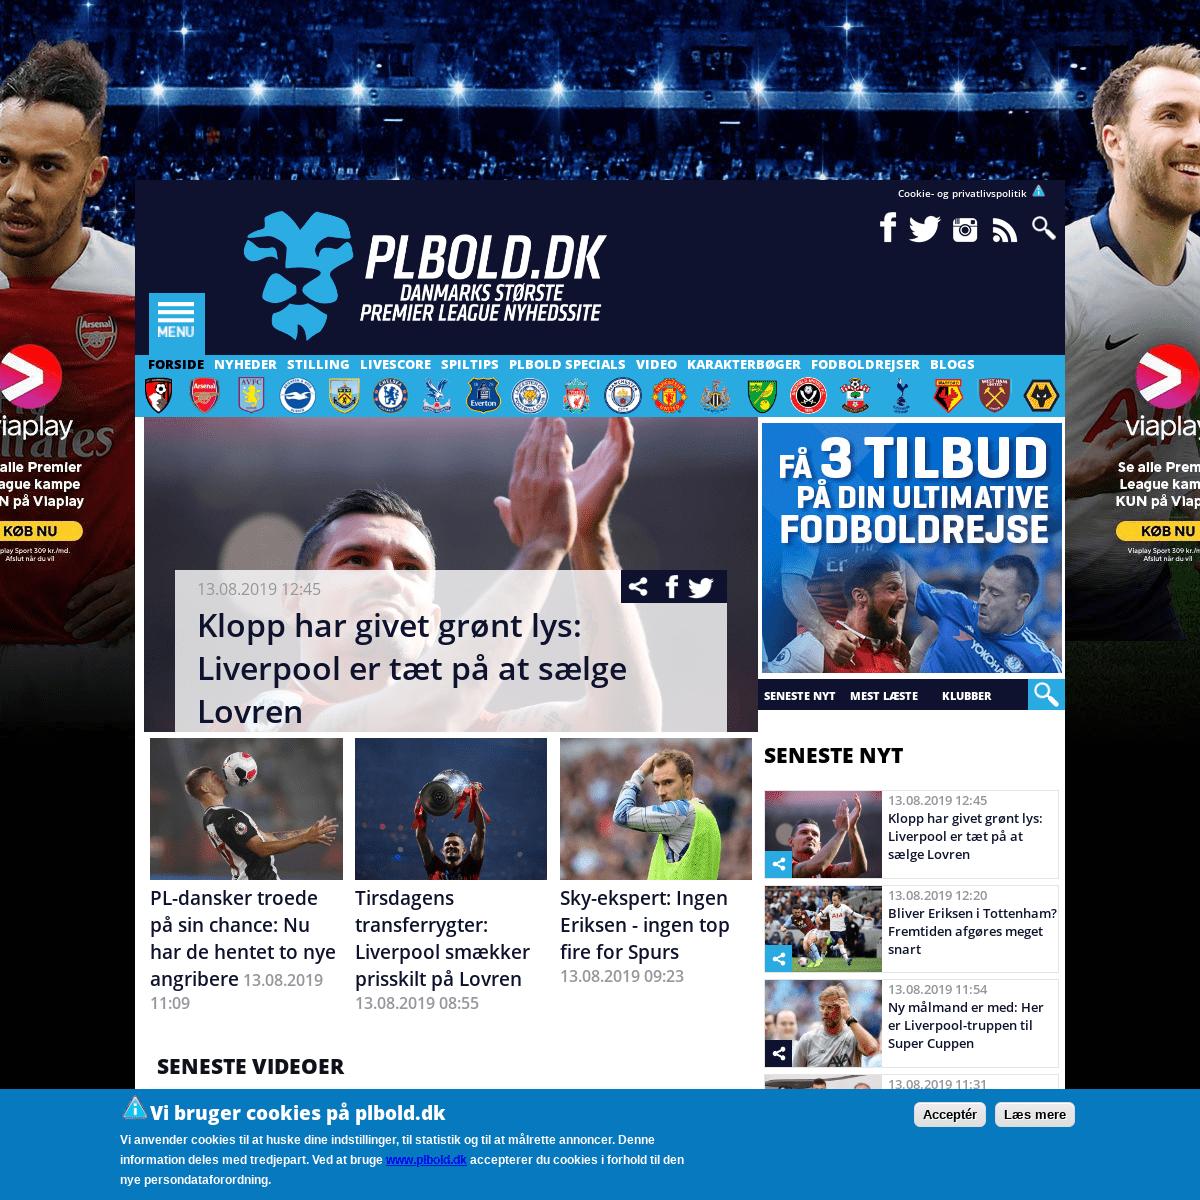 PLBOLD.DK - Danmarks største Premier League nyhedssite